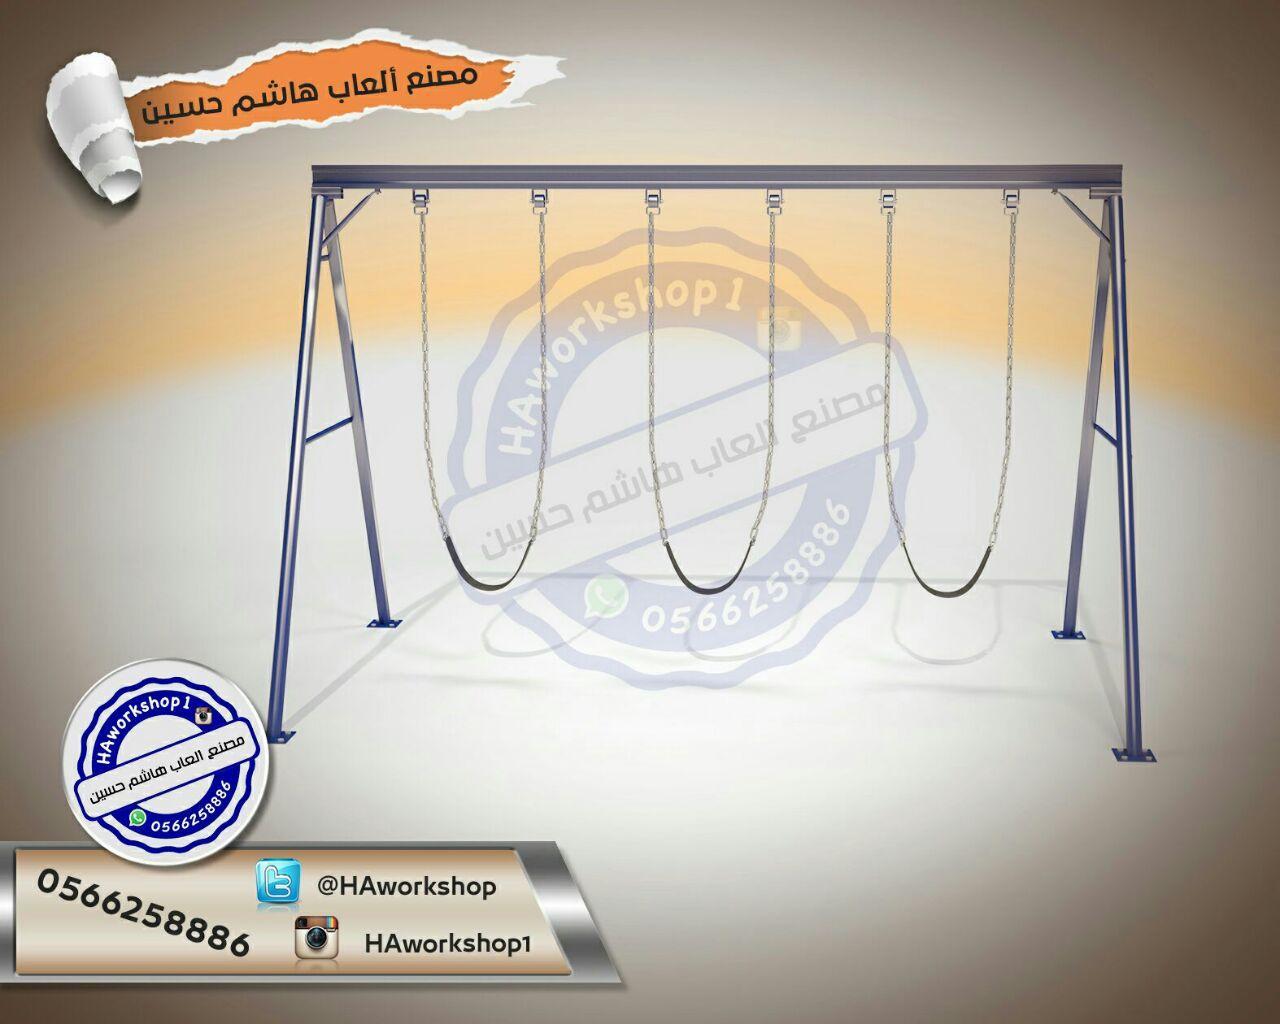 مصنع العاب هاشم حسين مراجيح زحاليق سلم تسلق صحن دوار نطاطات العاب هزازة 0566258886 207334112